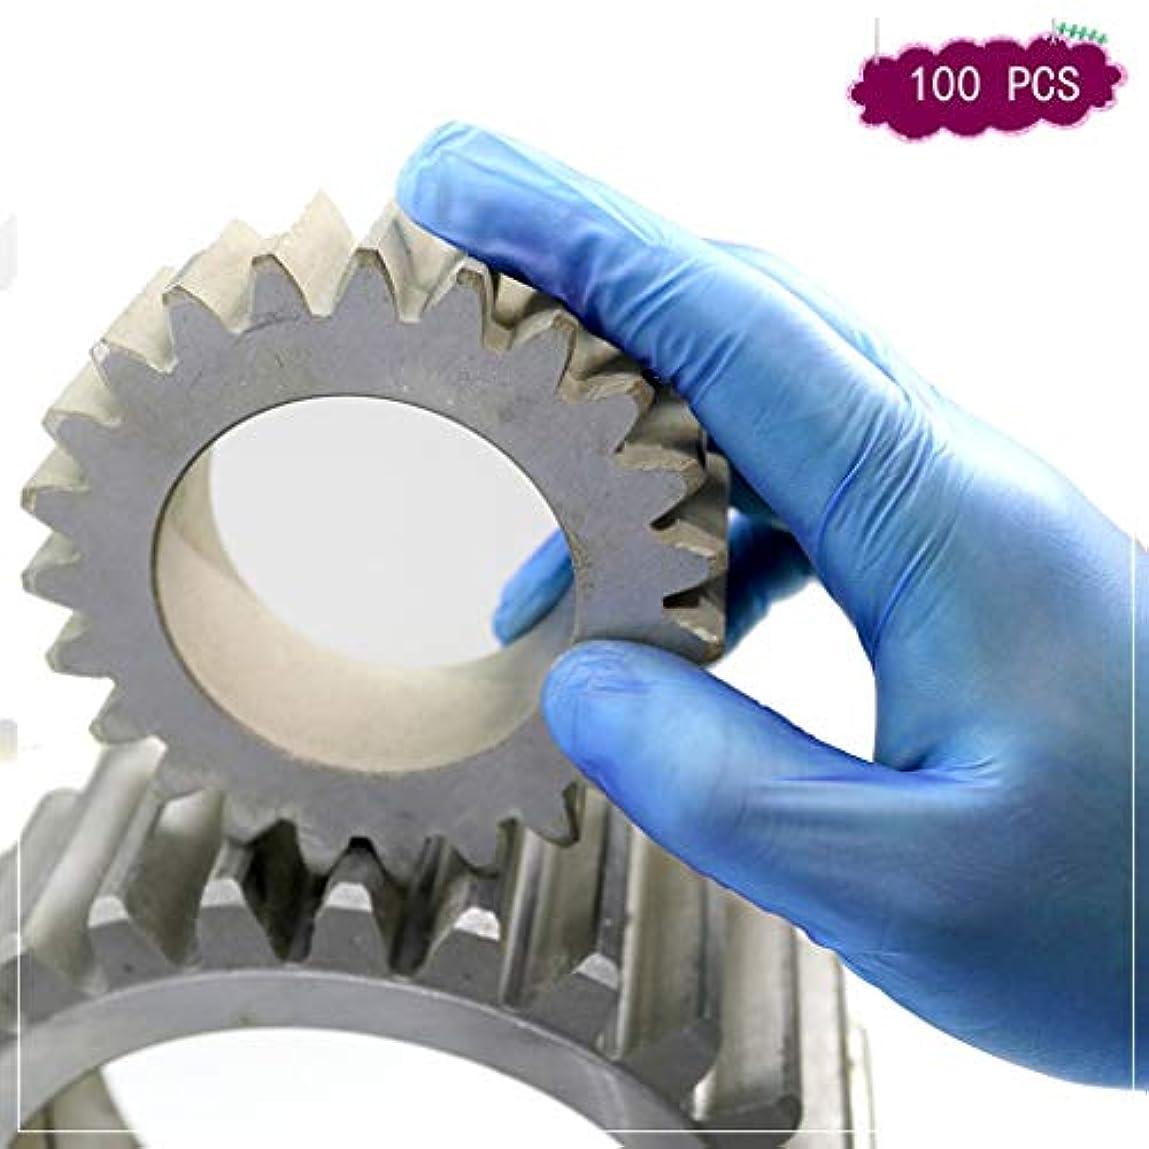 アラート引退した実用的使い捨てラテックス手袋工業用グレードPVC手袋帯電防止パウダーフリーの光沢9インチアンチ油 (Color : 9 inch, Size : XL)